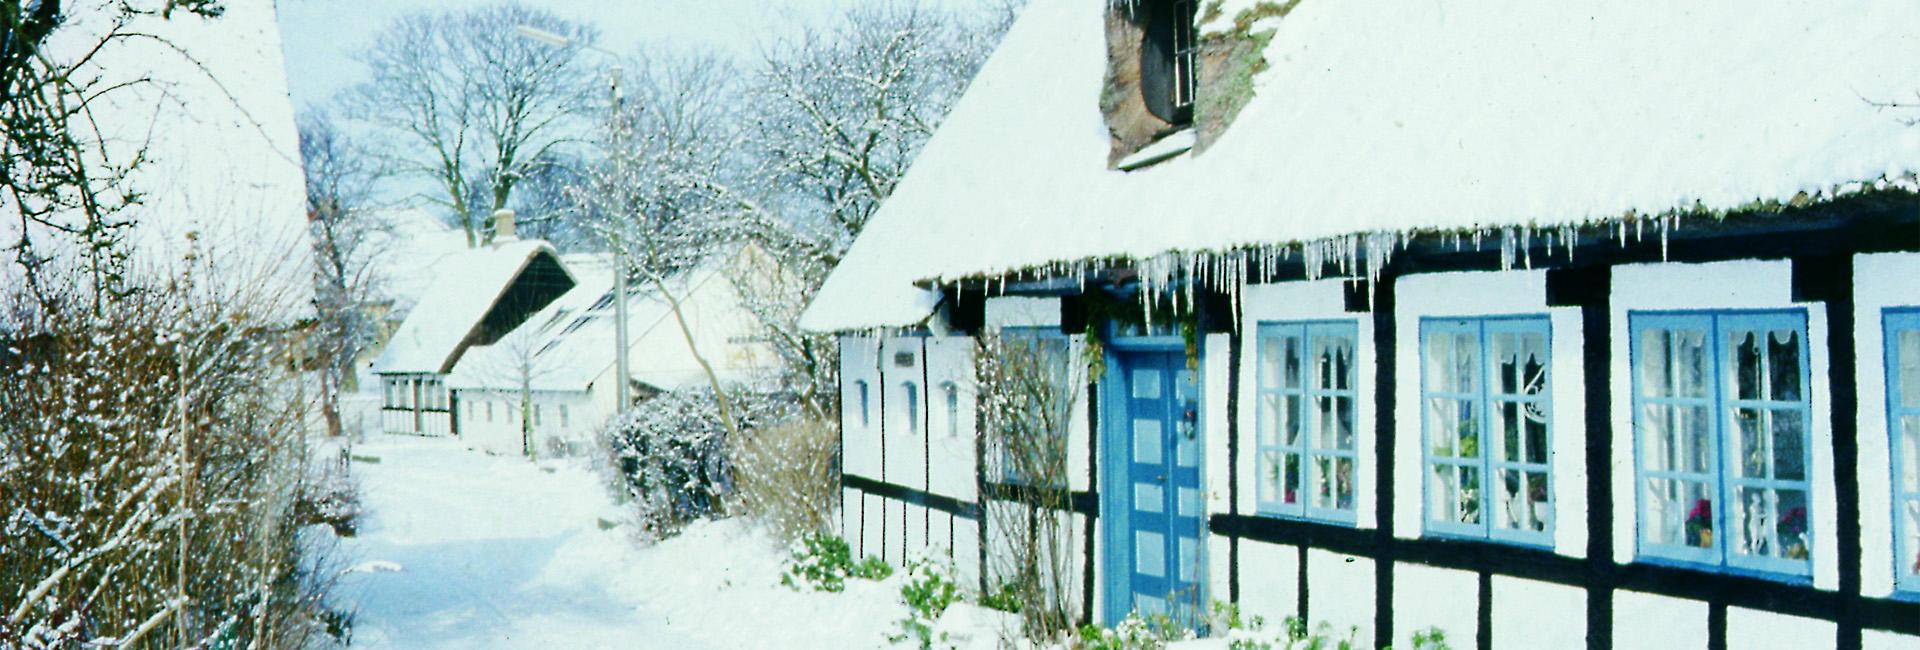 Juletur til Samsø